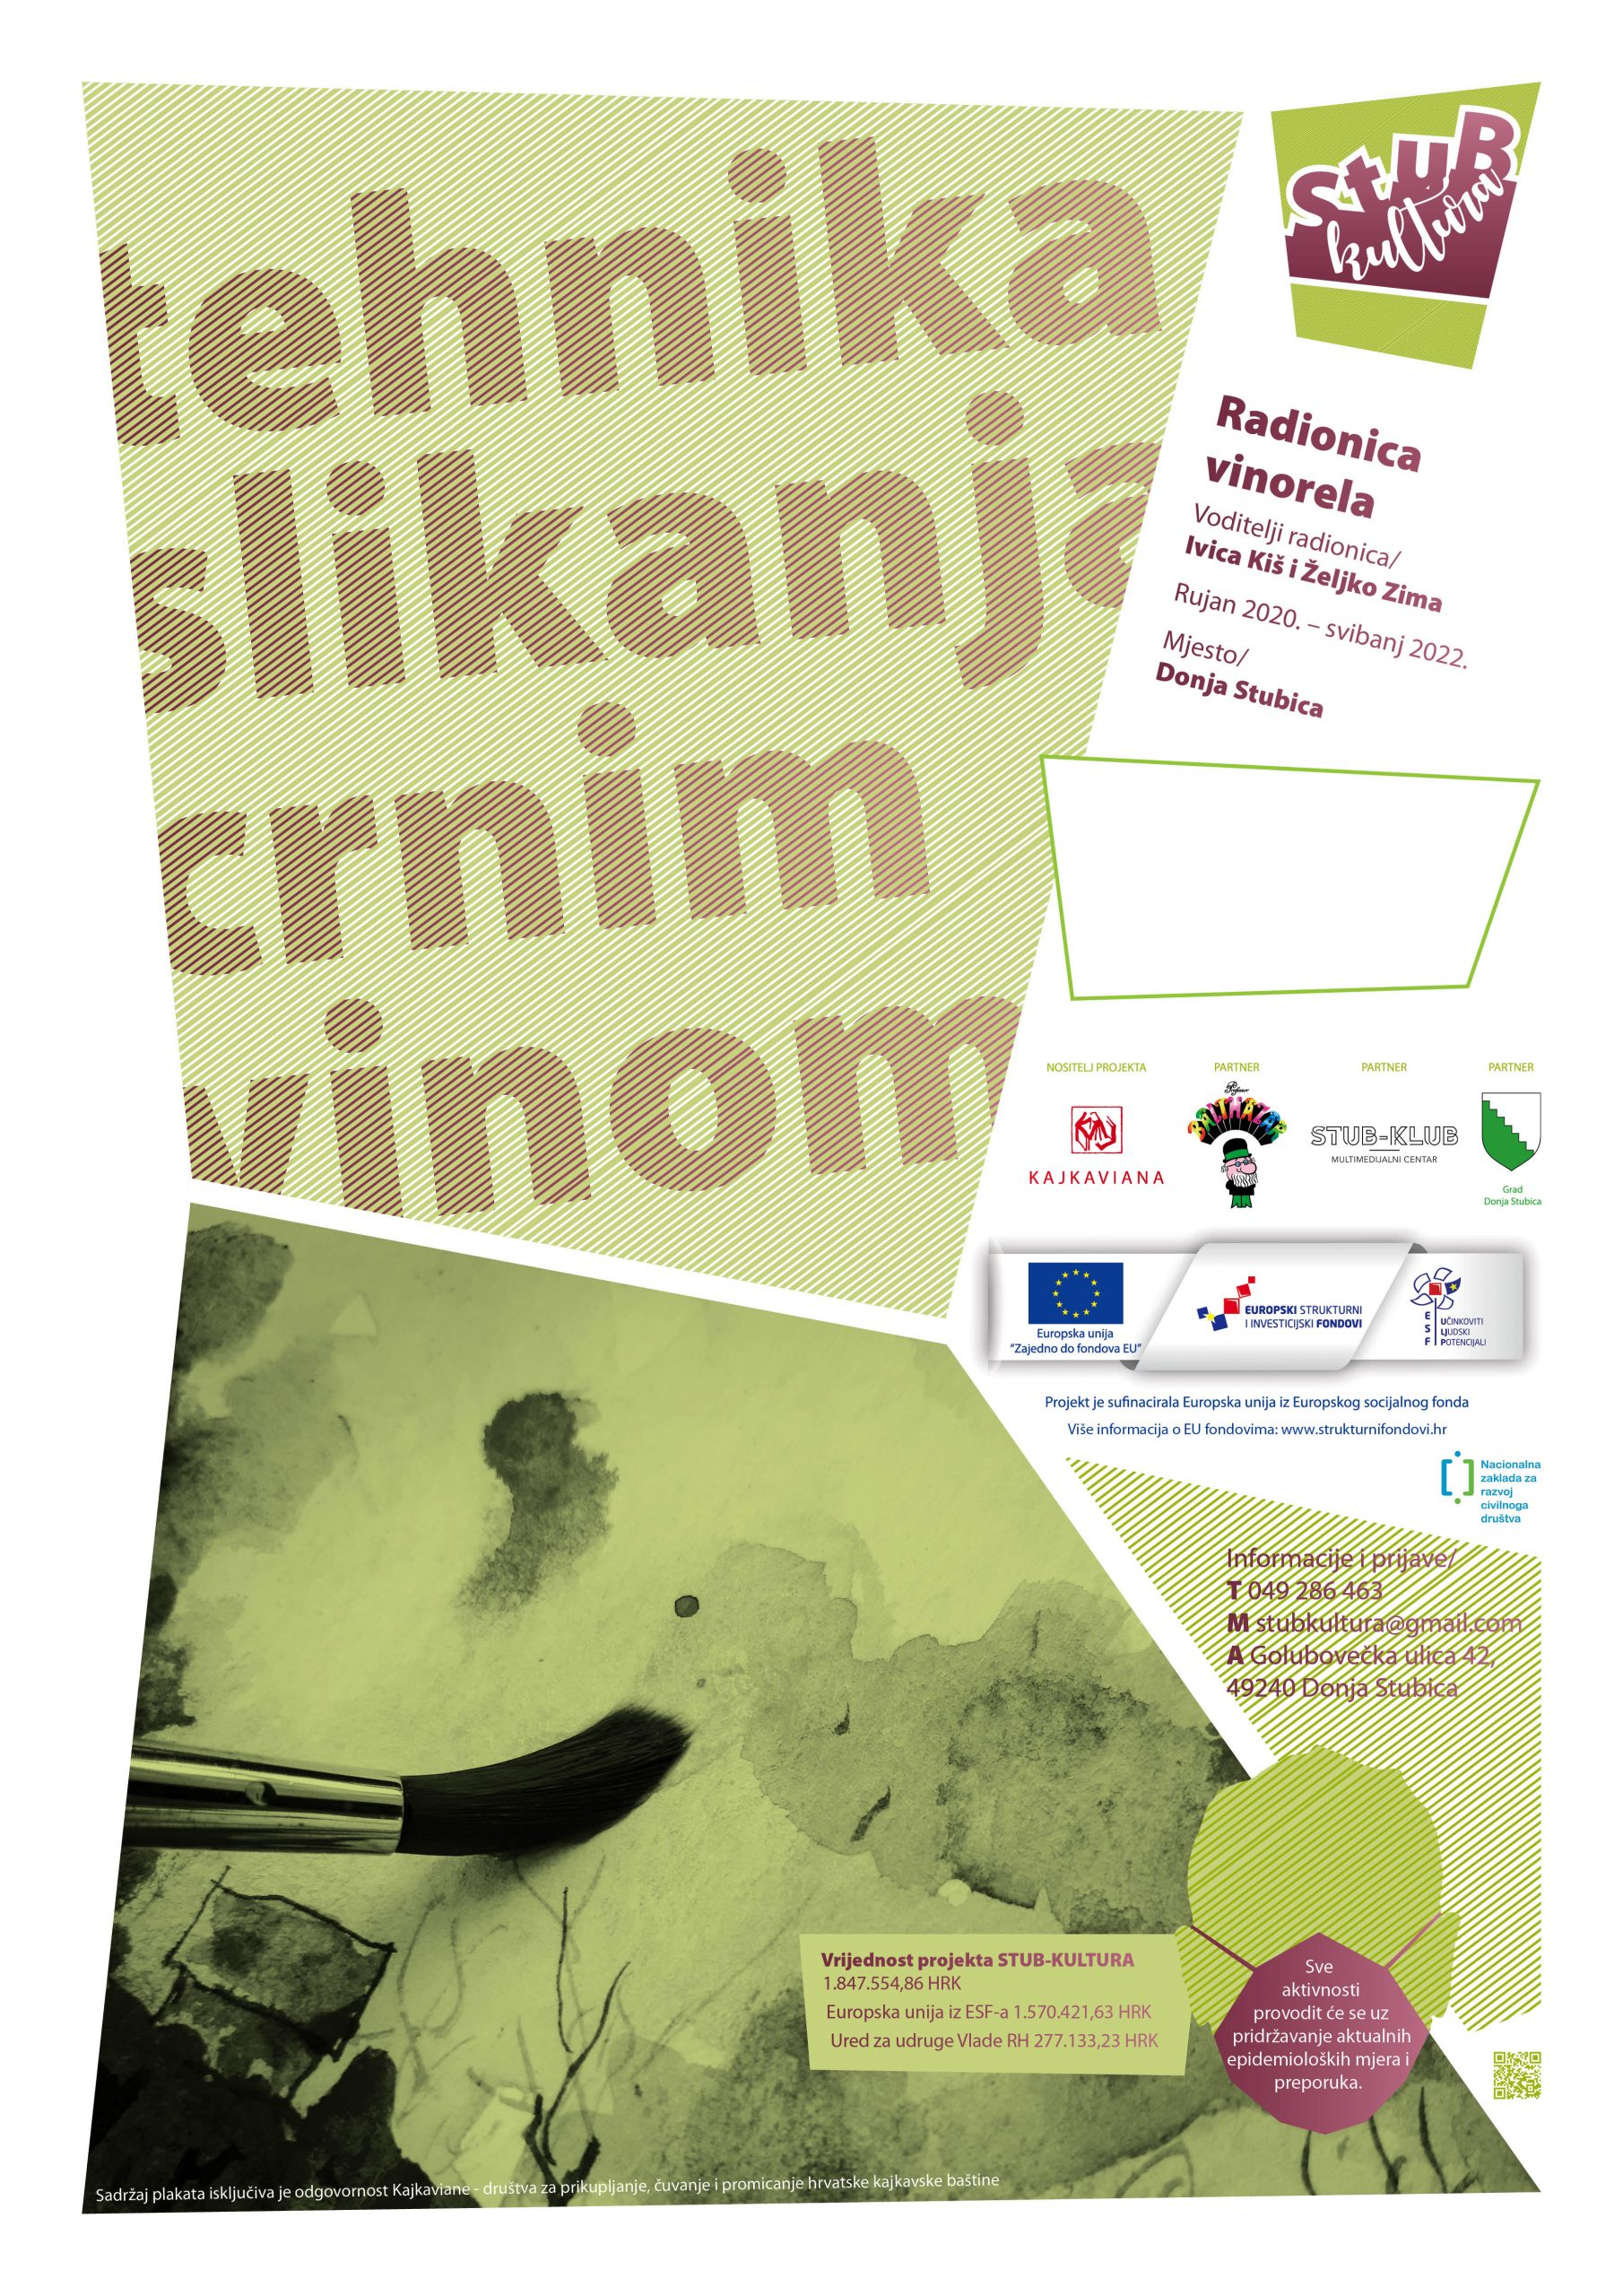 Slika prikazuje plakat za Radionicu vinorel tehnike slikanja.